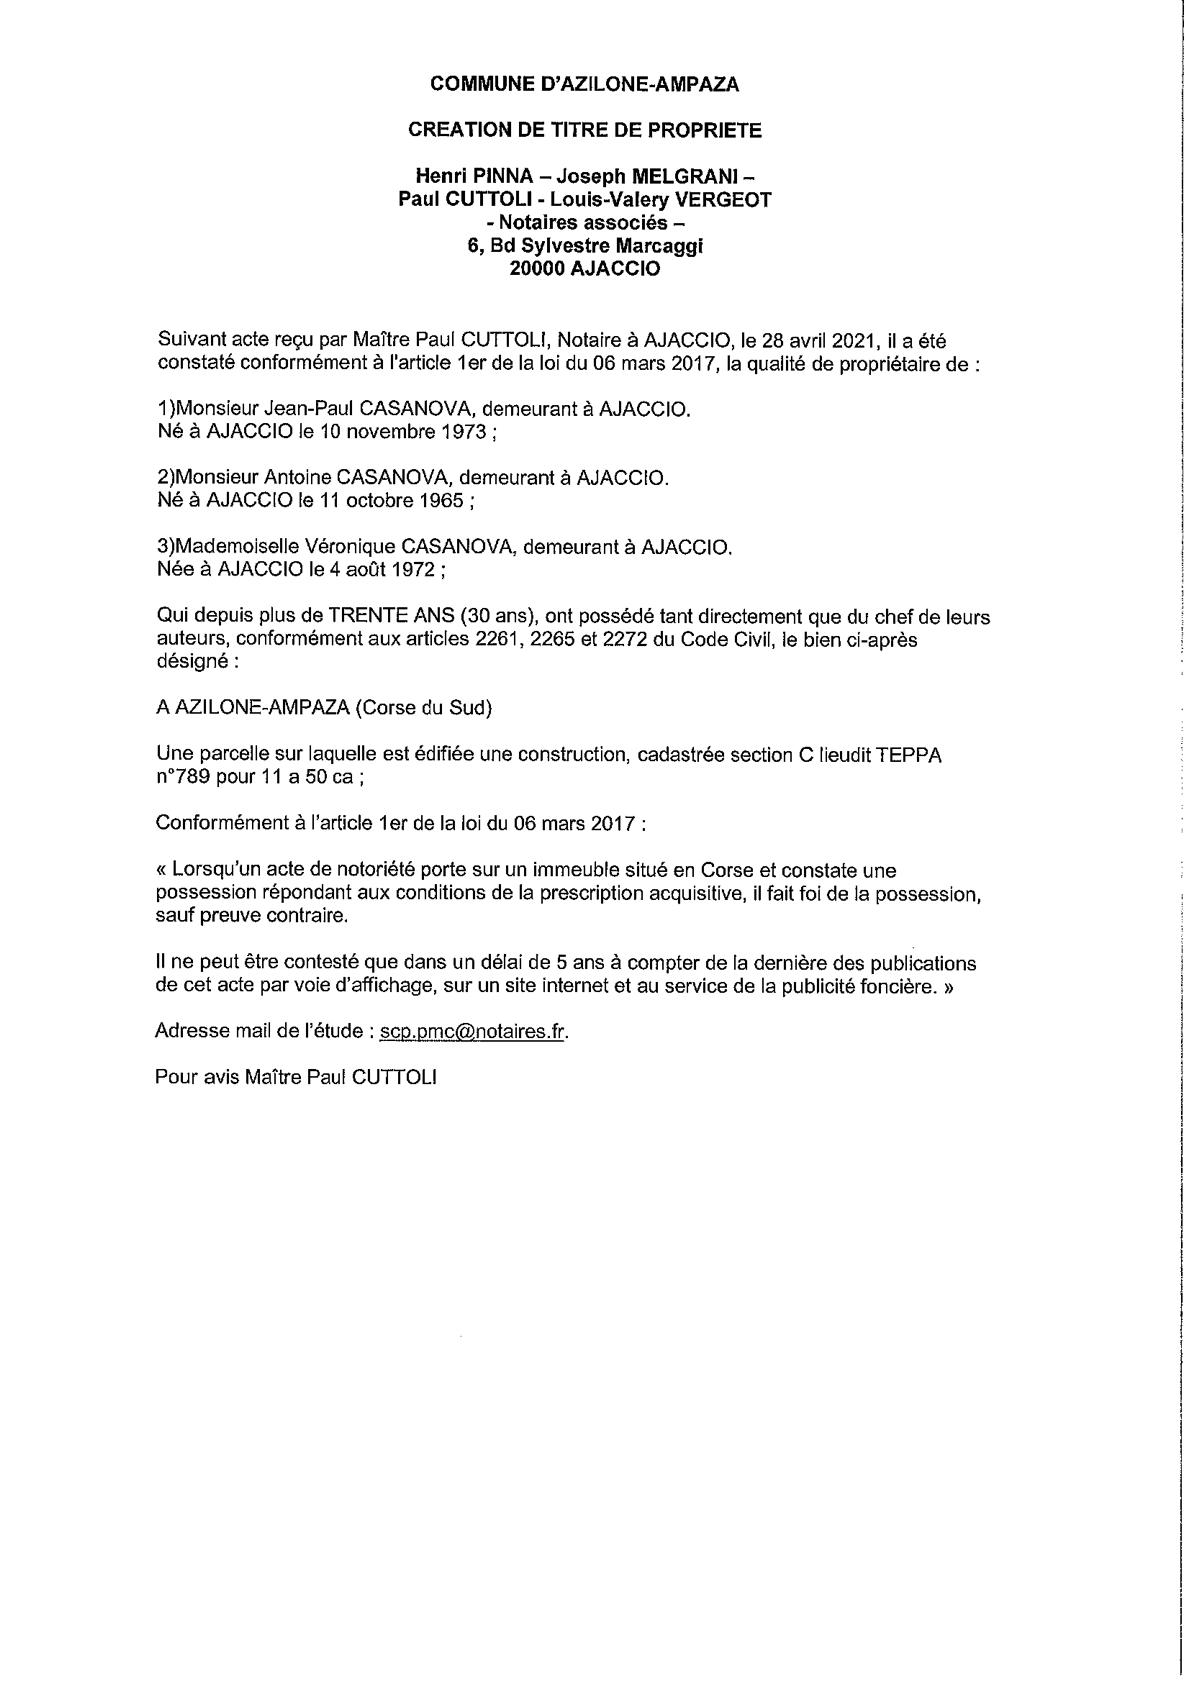 Avis de création de titre de propriété - Commune d'Azilone-Ampaza (Corse-du-Sud)